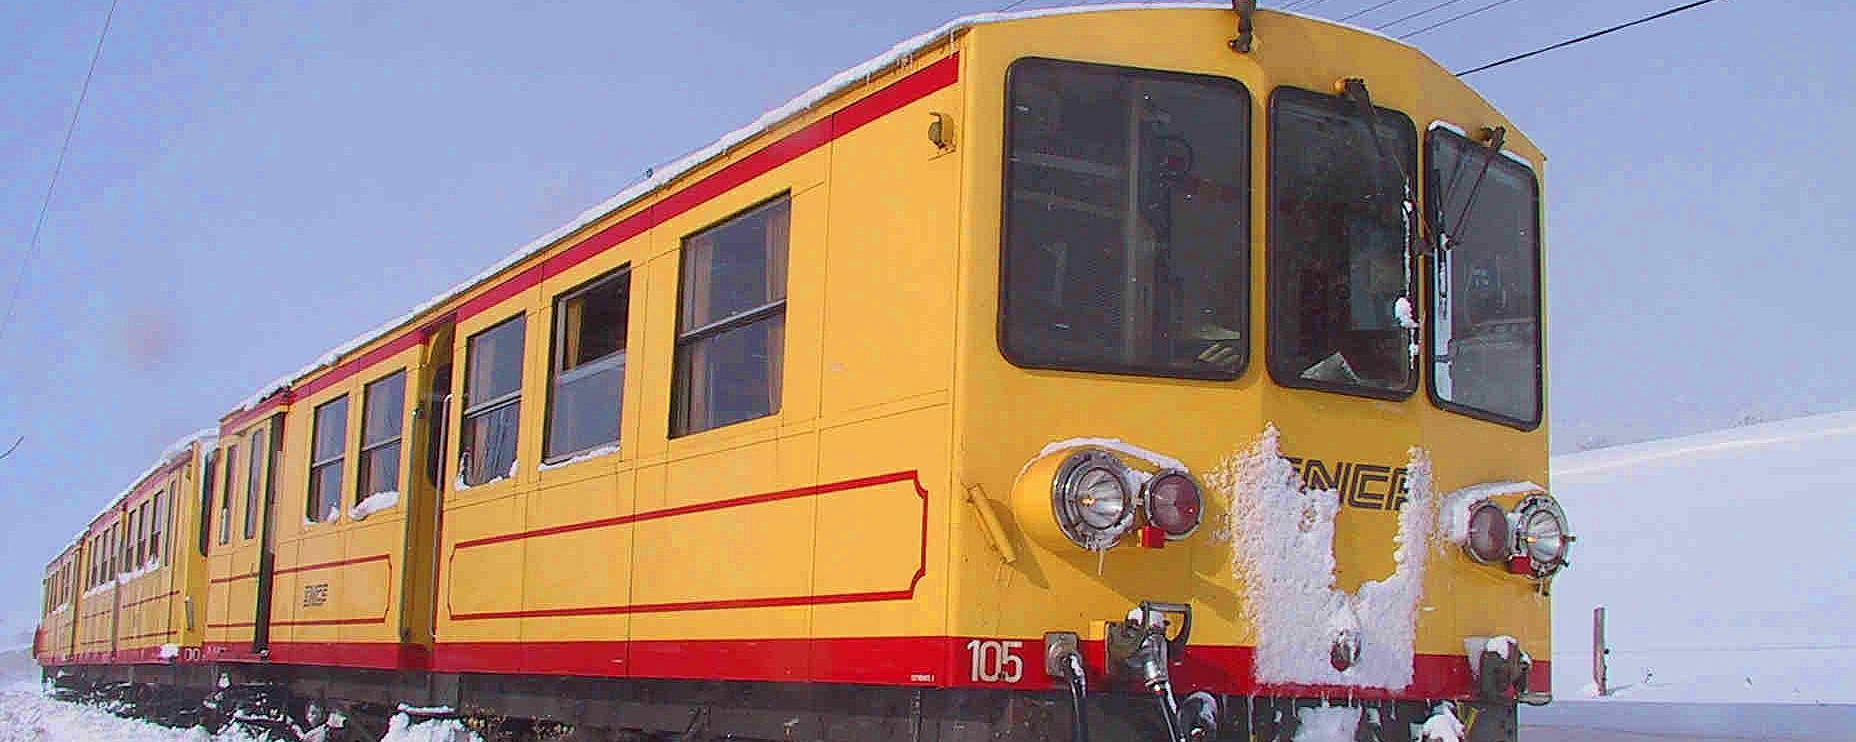 Le train jaune en Pyrénées-Catalanes fonctionne à prix réduit l'hiver.